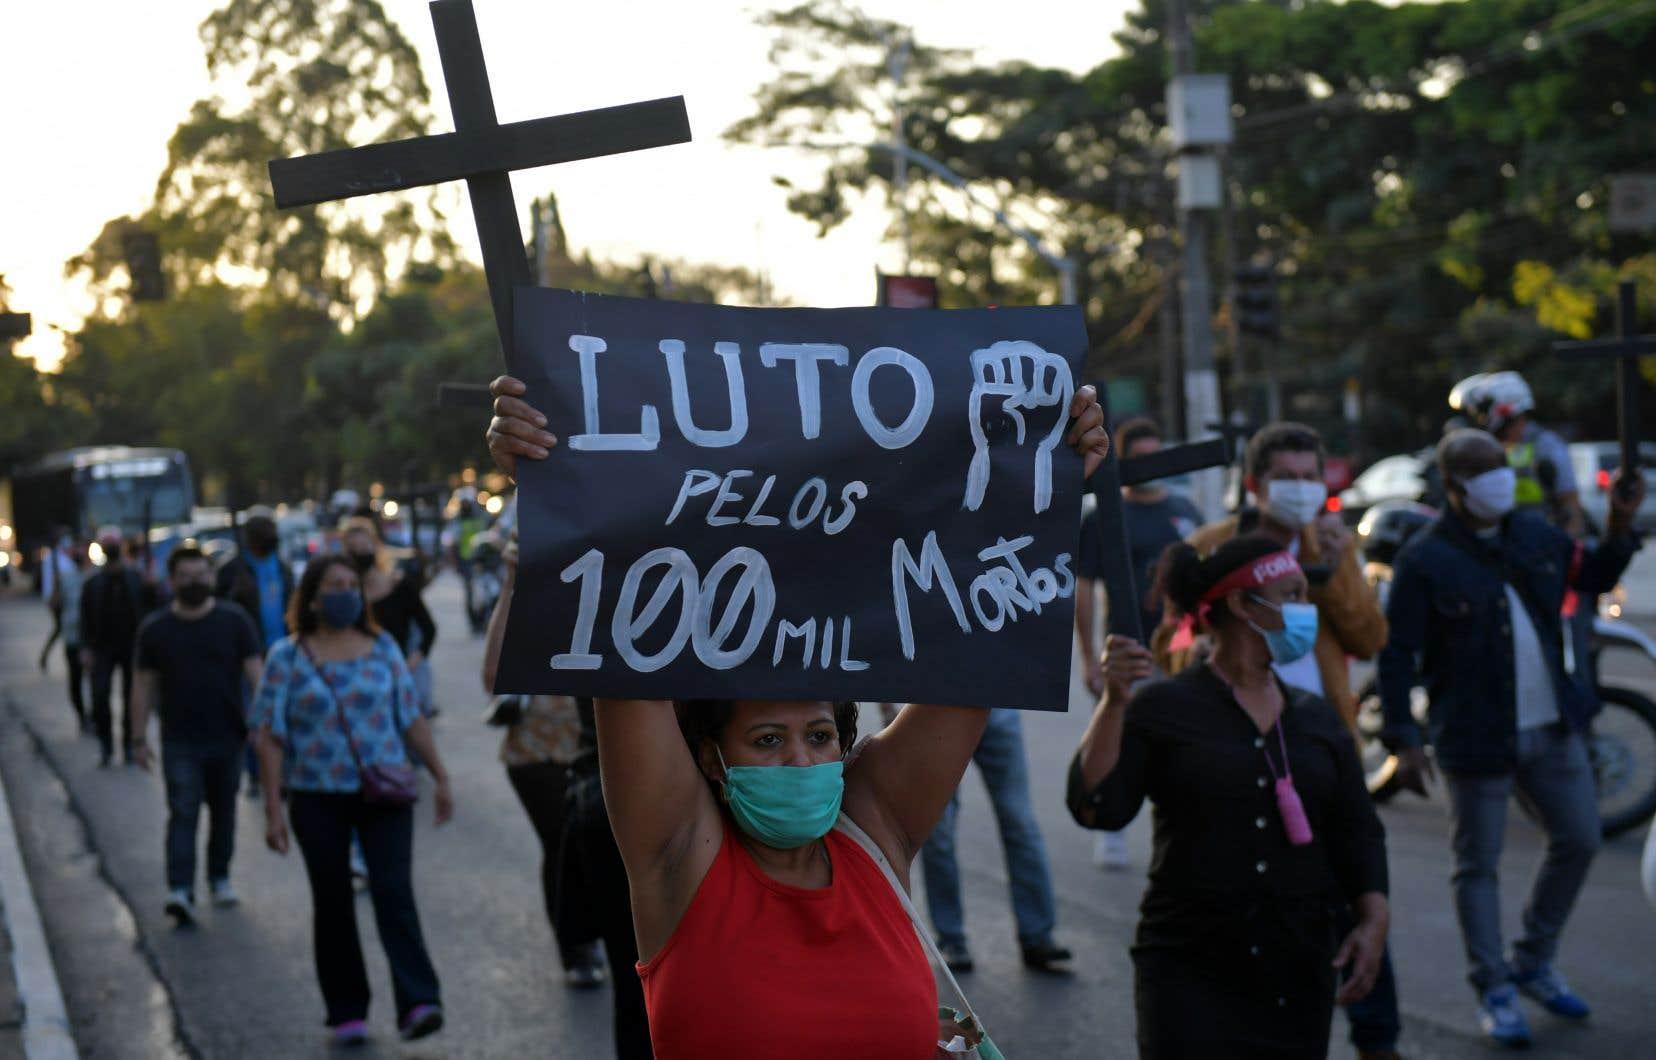 Le président Jair Bolsonaro du Brésil, qui n'a cessé de minimiser la maladie, a dit vendredi avoir «la conscience tranquille» sur sa gestion de la crise malgré le bilan s'élevant presque à 100 000 décès.